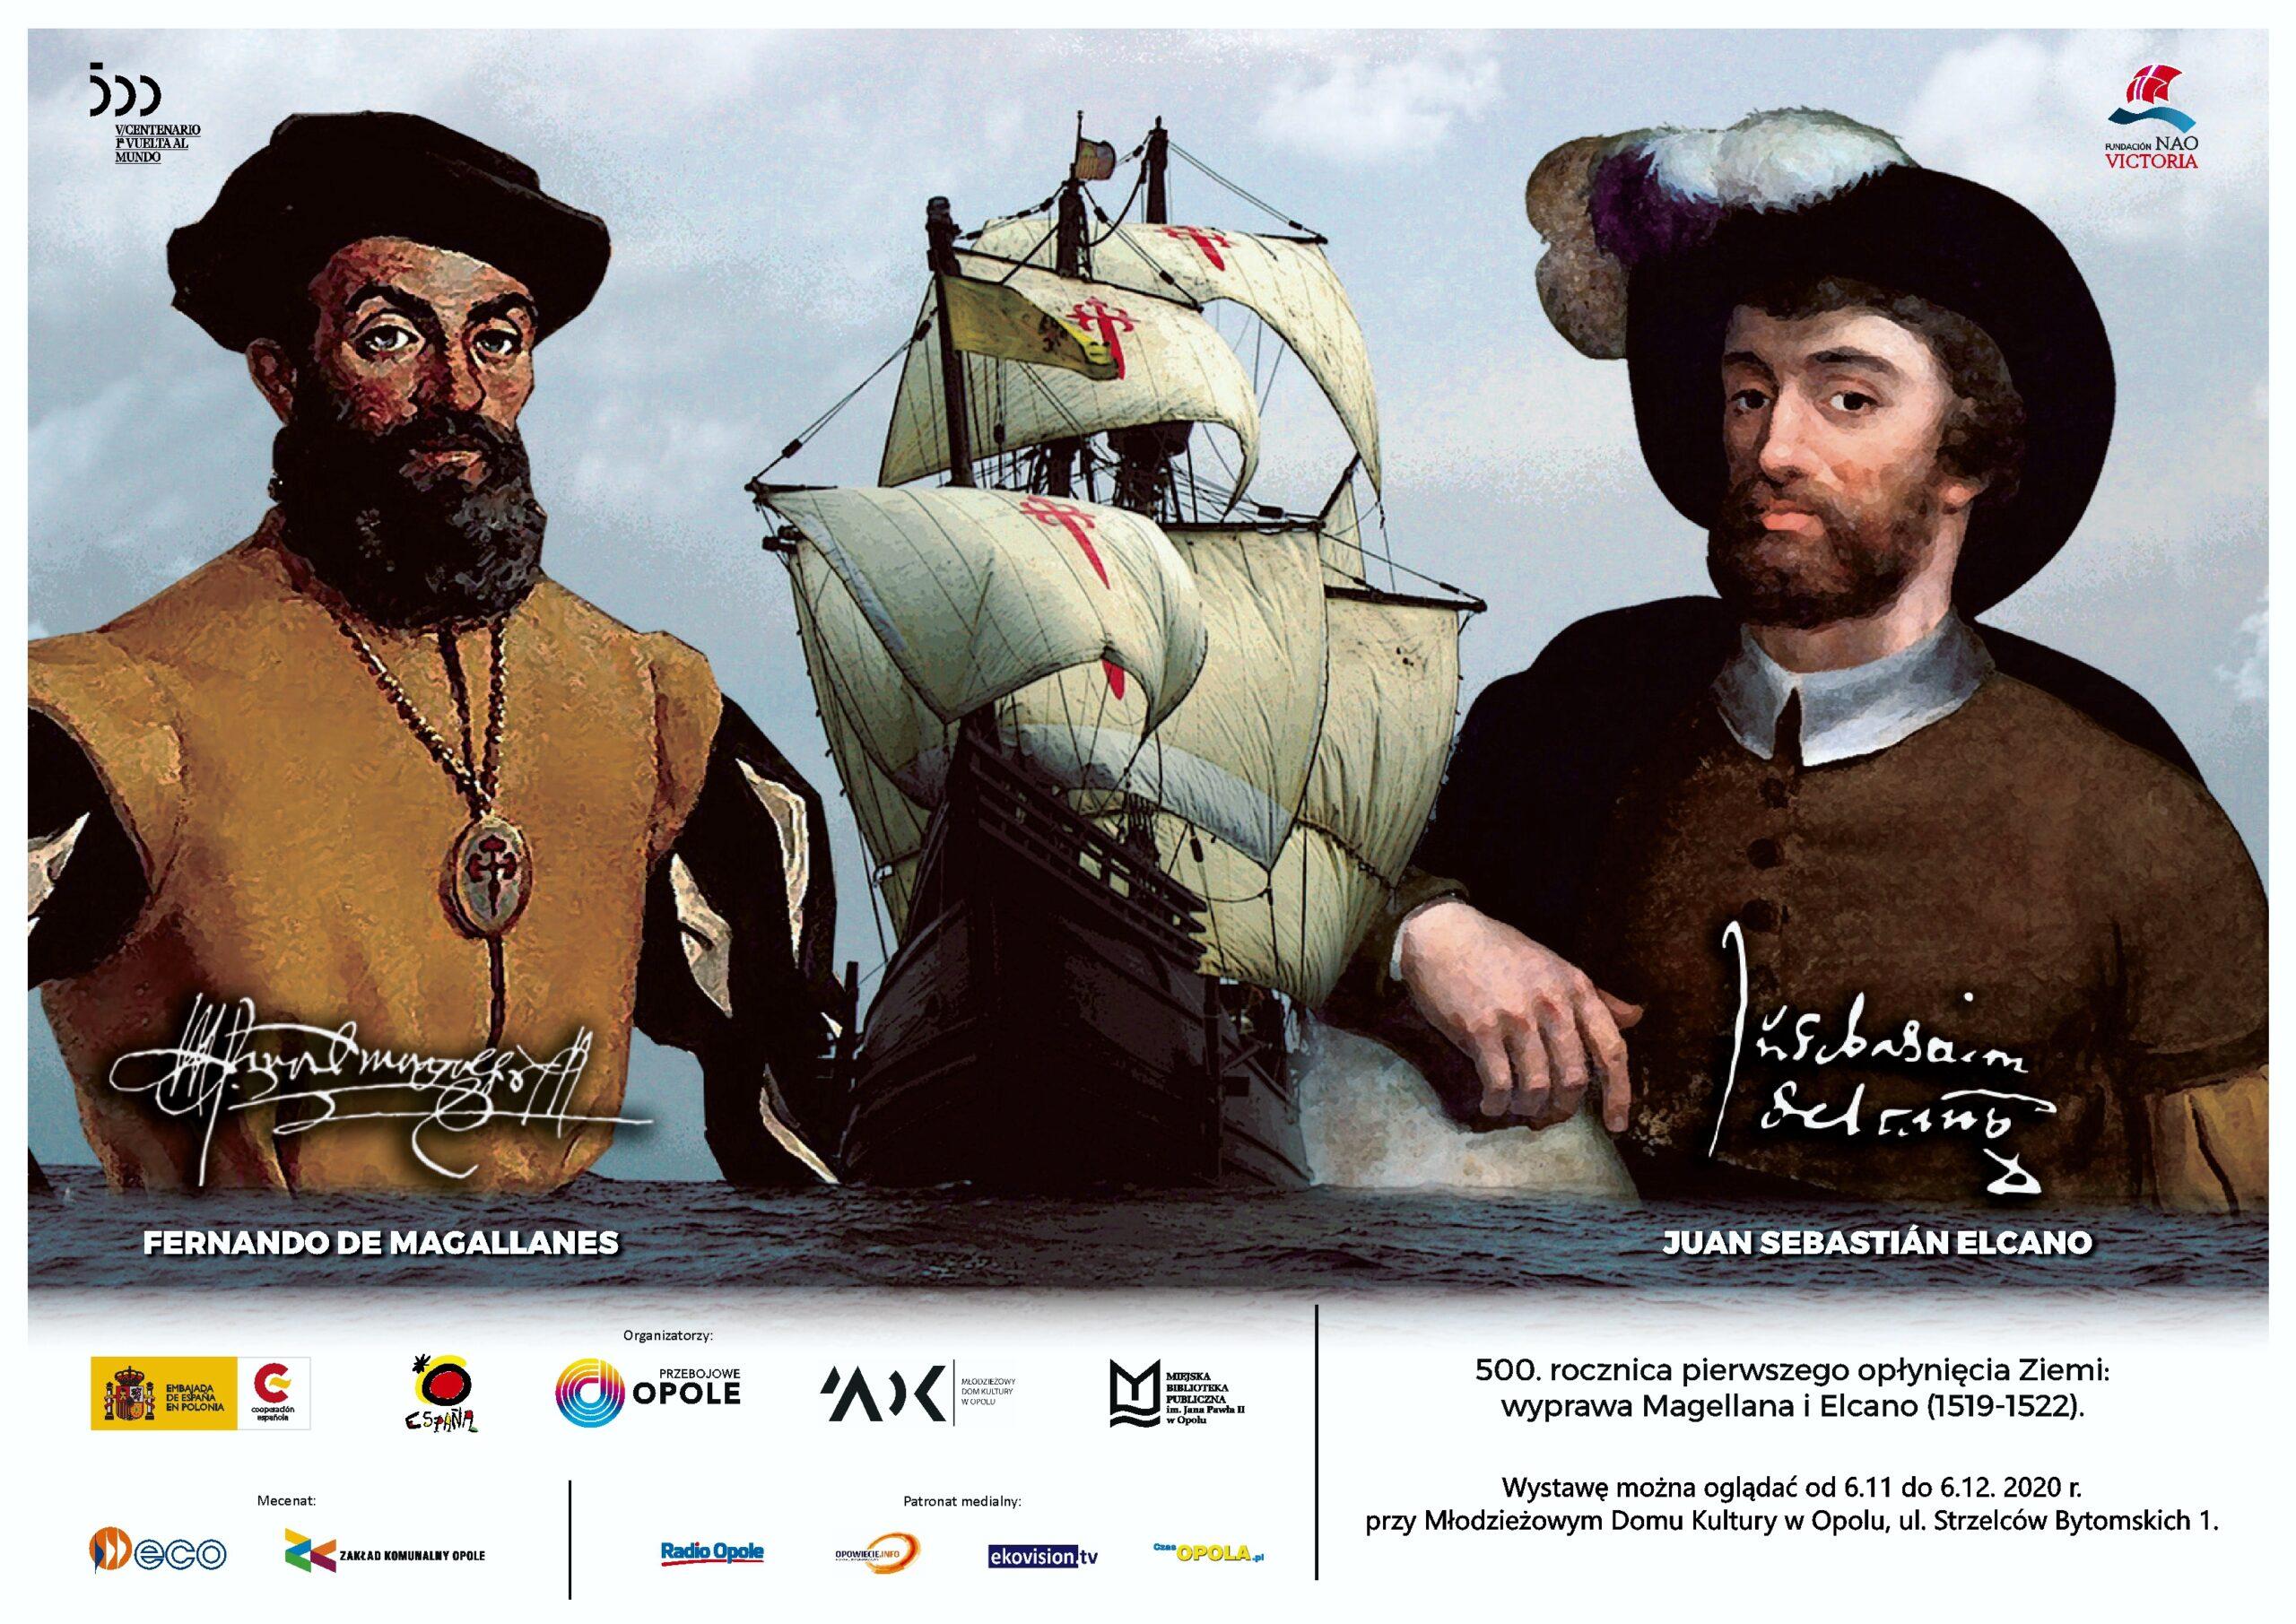 500. rocznica pierwszego opłynięcia Ziemi: wyprawa Magellana i Elcano (1519-1522) - wystawa